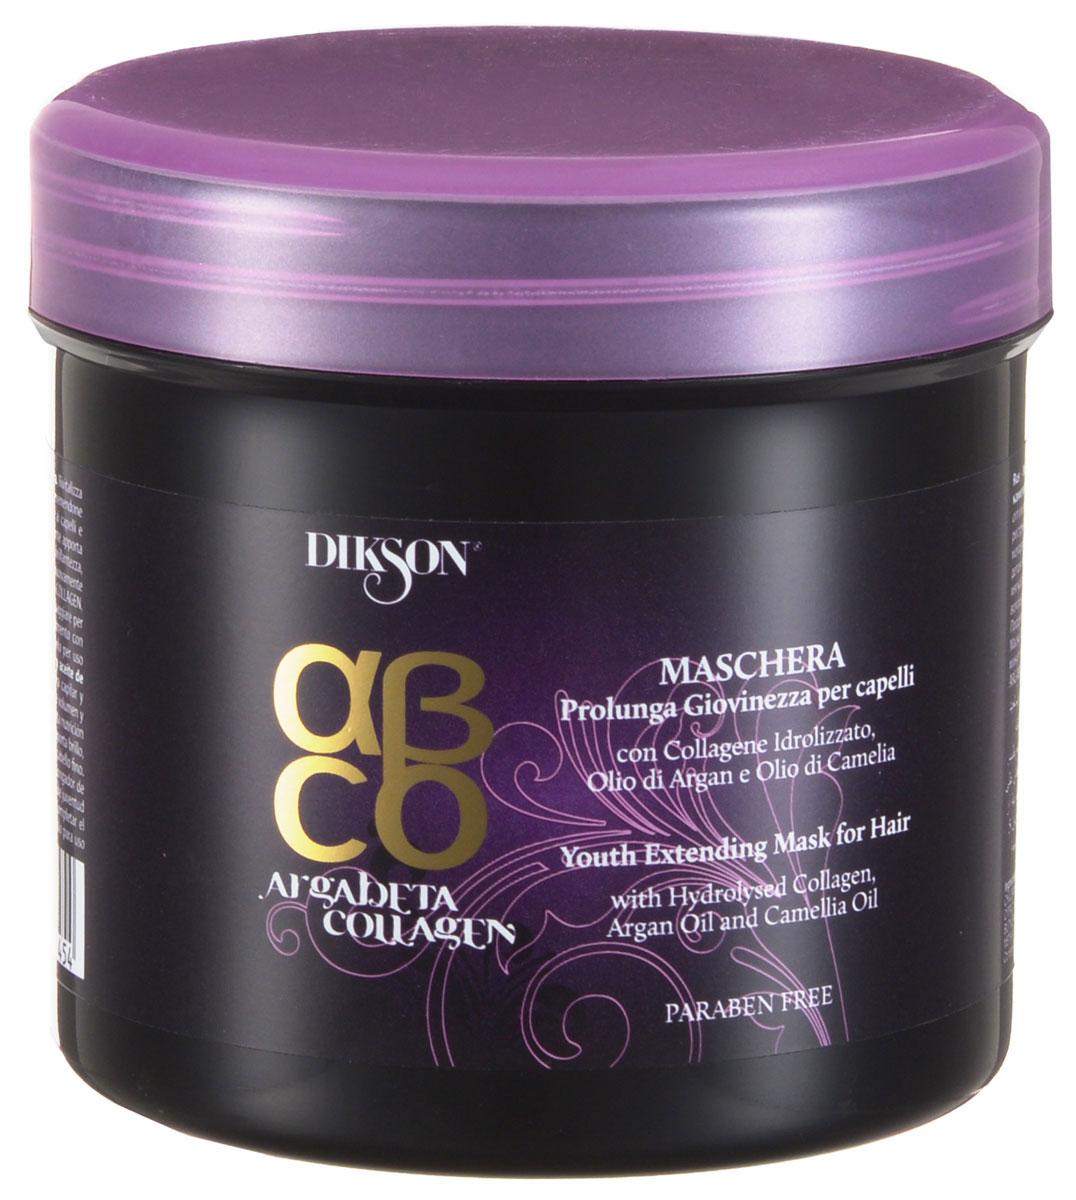 Dikson ArgaBeta Маска Продление молодости Collagene Mask 500 млFS-00897Питательная маска, которая подходит для всех типов волос. Она не утяжеляет волосы, упрочняя их. Имеет эффект восстановления и предотвращения преждевременного старения. Натуральный коллаген, который входит в состав маски, оказывает стимулирующее воздействие на собственный коллаген в клетках кожи. Аргановое масло, витамин Е действуют как антиоксидант, оказывают глубокую подпитку волосам, увлажняют их и укрепляют. Масло камелии прекрасно придает блеск, сияние и мягкость. Обладает ярко выраженным эффектом при аллергии и перхоти.